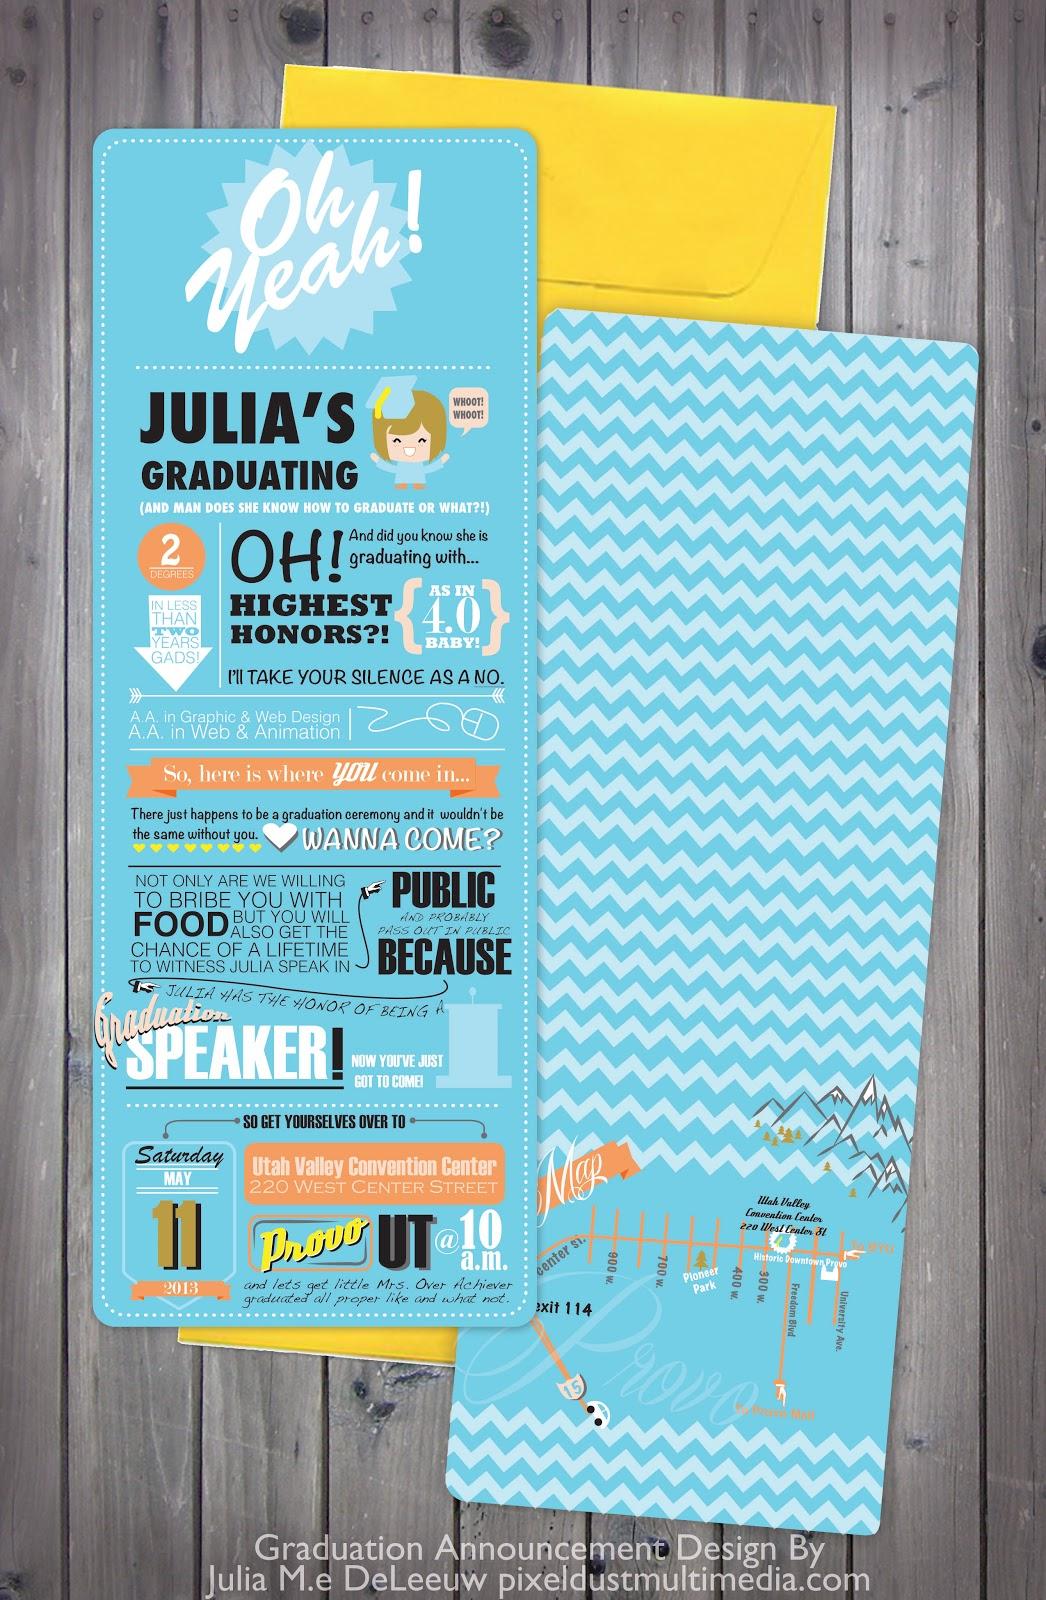 pixel dust graphic design blog graduation announcement design